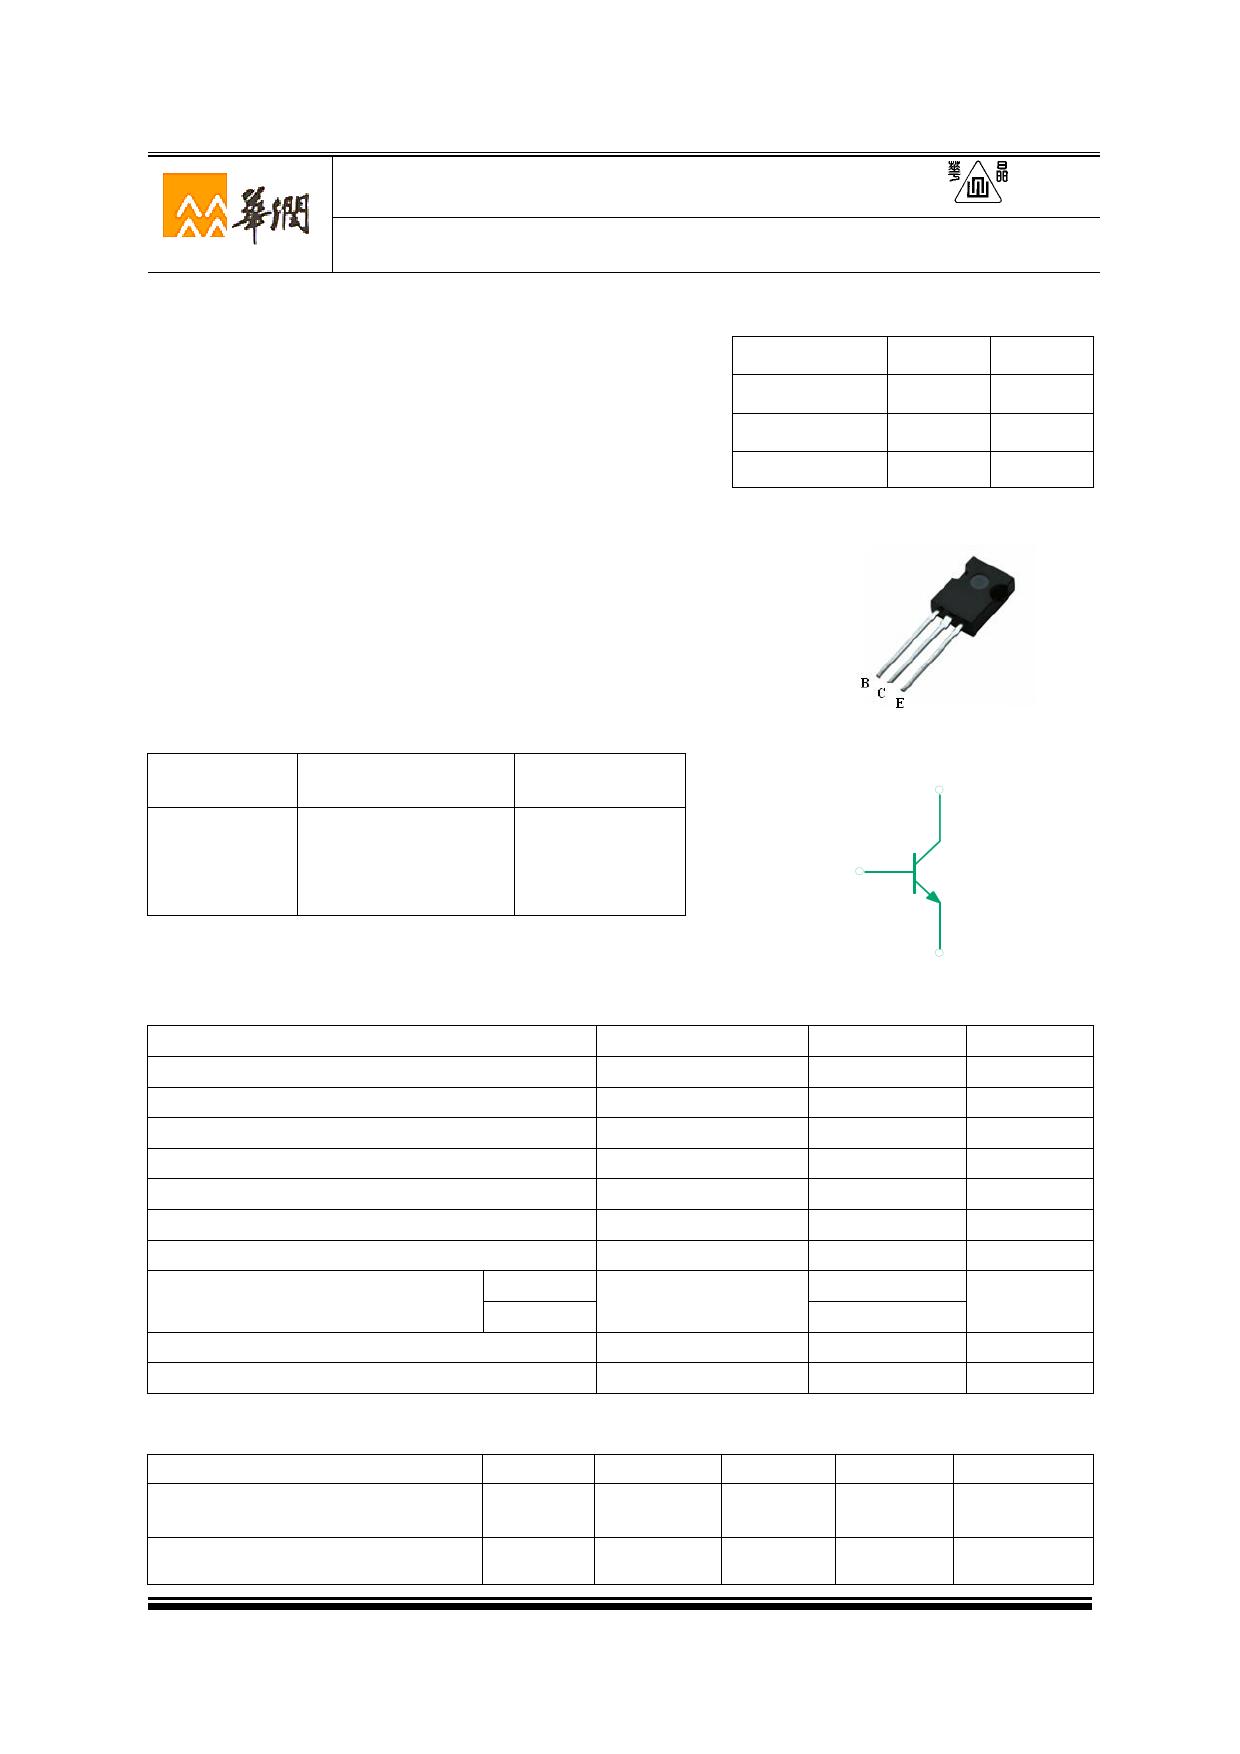 3DD3040A7 Datasheet, 3DD3040A7 PDF,ピン配置, 機能